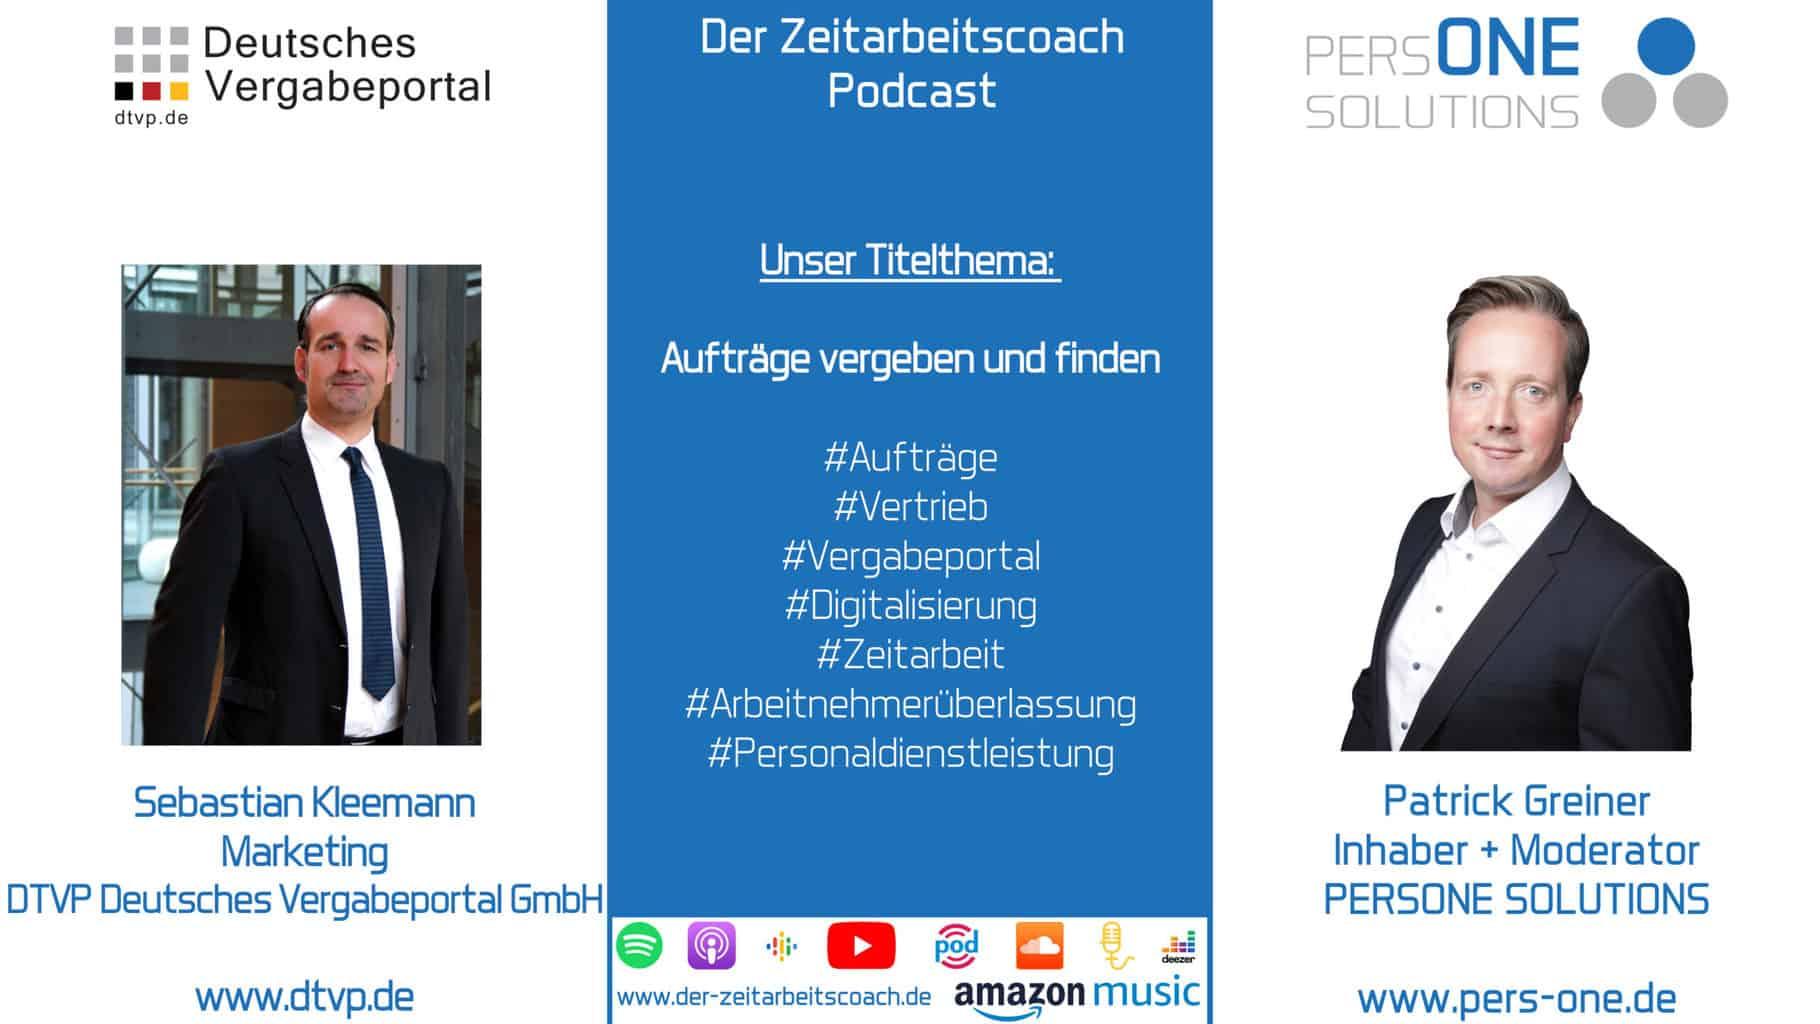 Aufträge vergeben und finden   Sebastian Kleemann von der DTVP GmbH im Zeitarbeitscoach Podcast